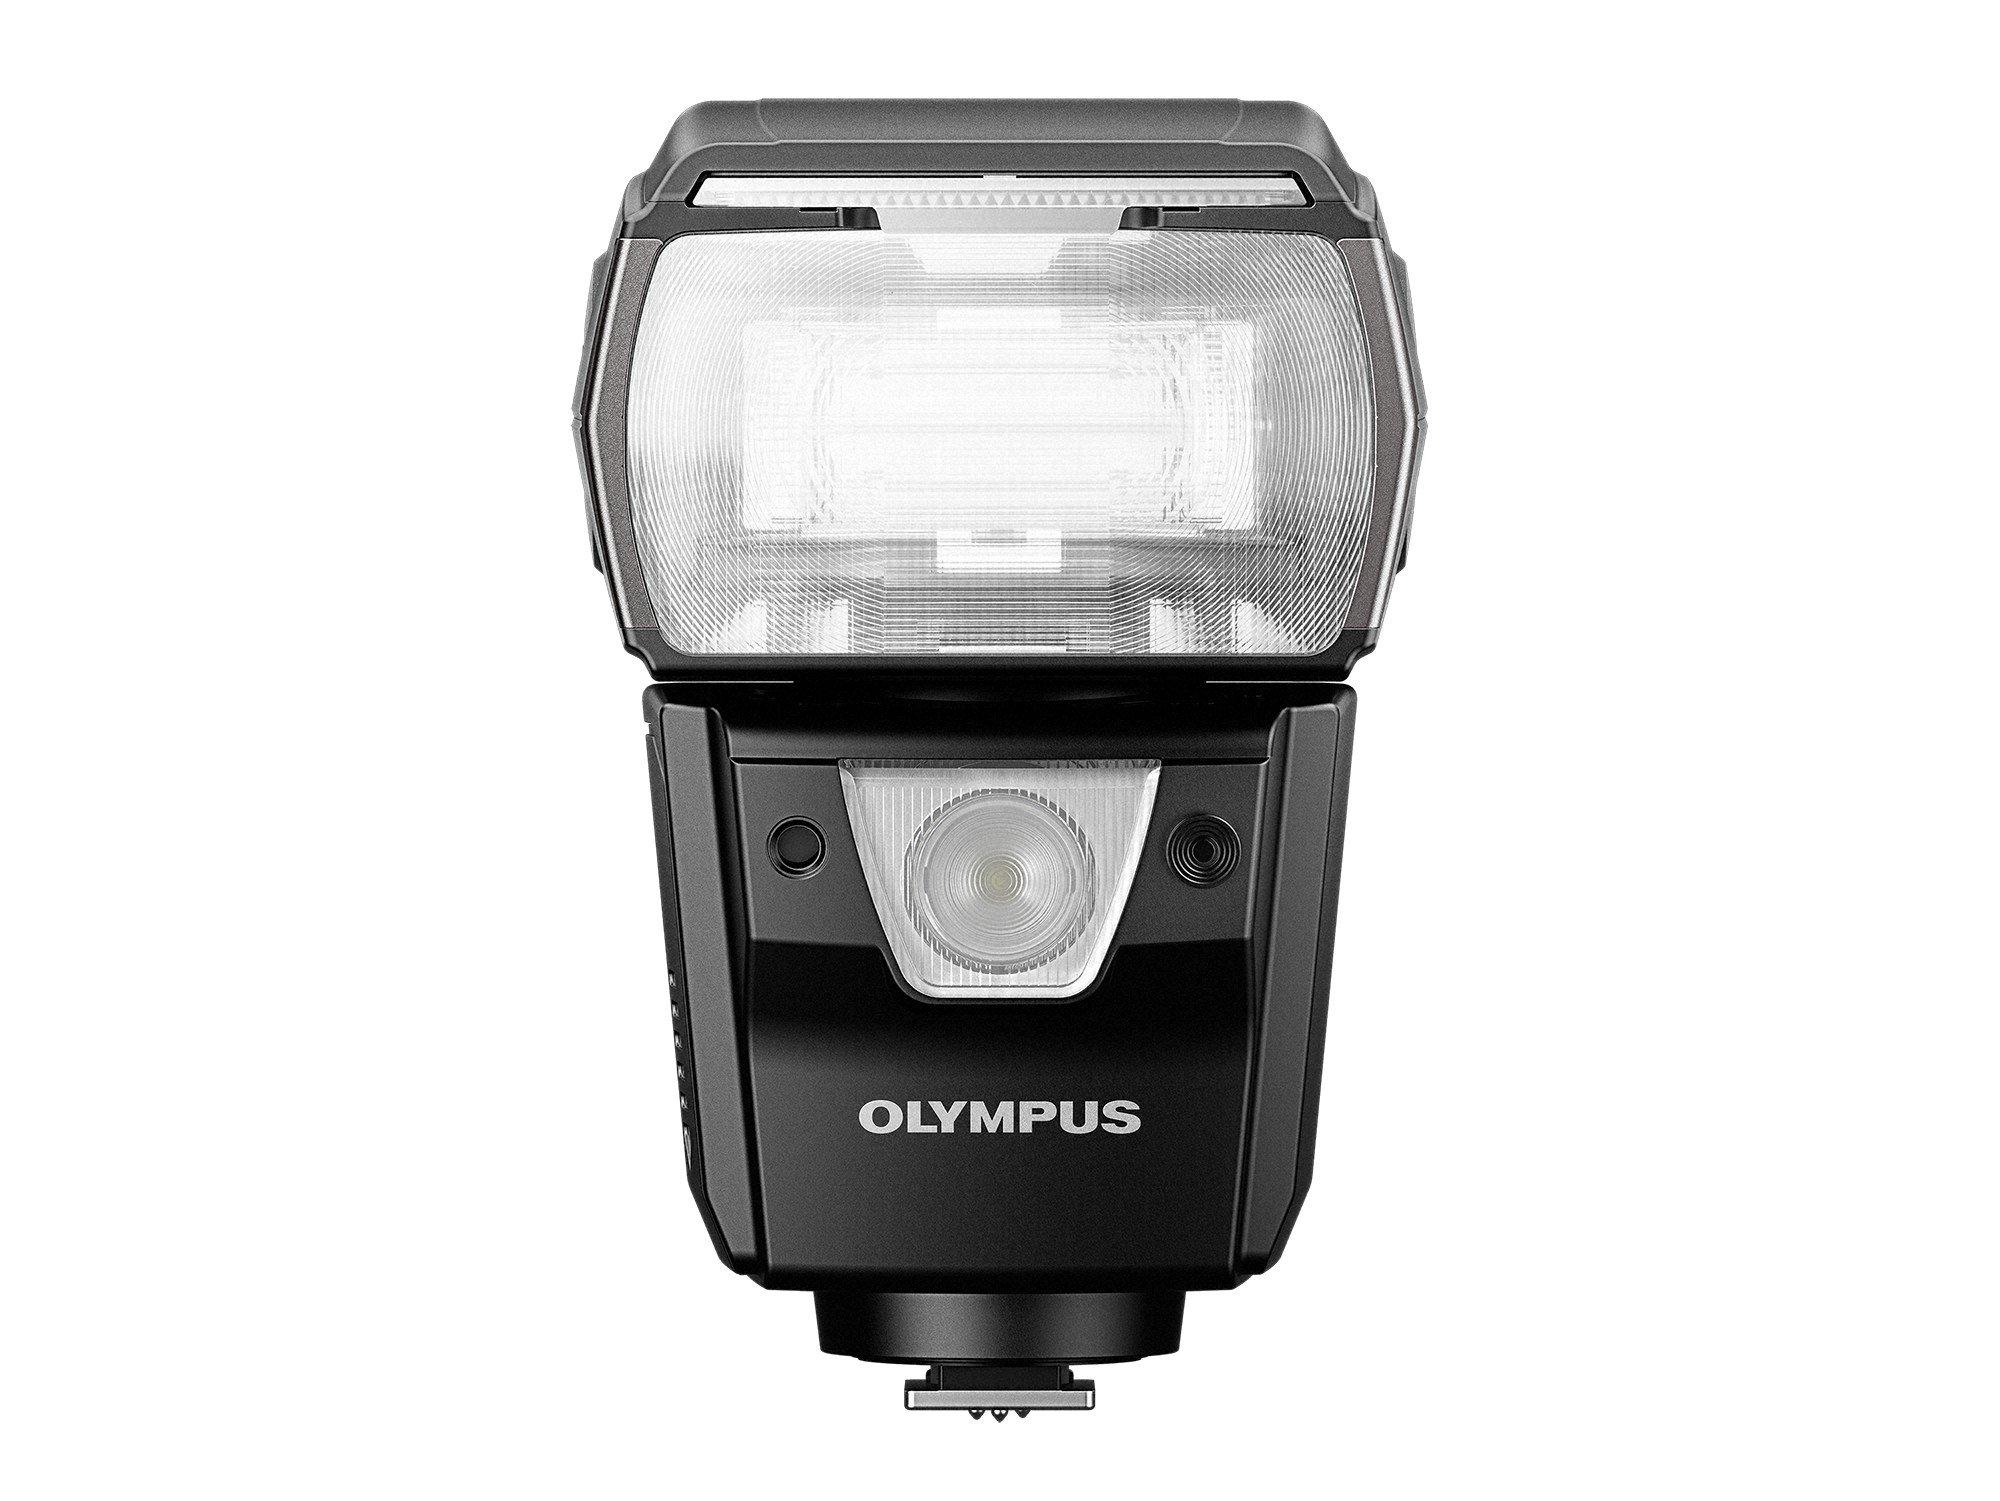 Olympus FL-900R High-Intensity Flash, Black